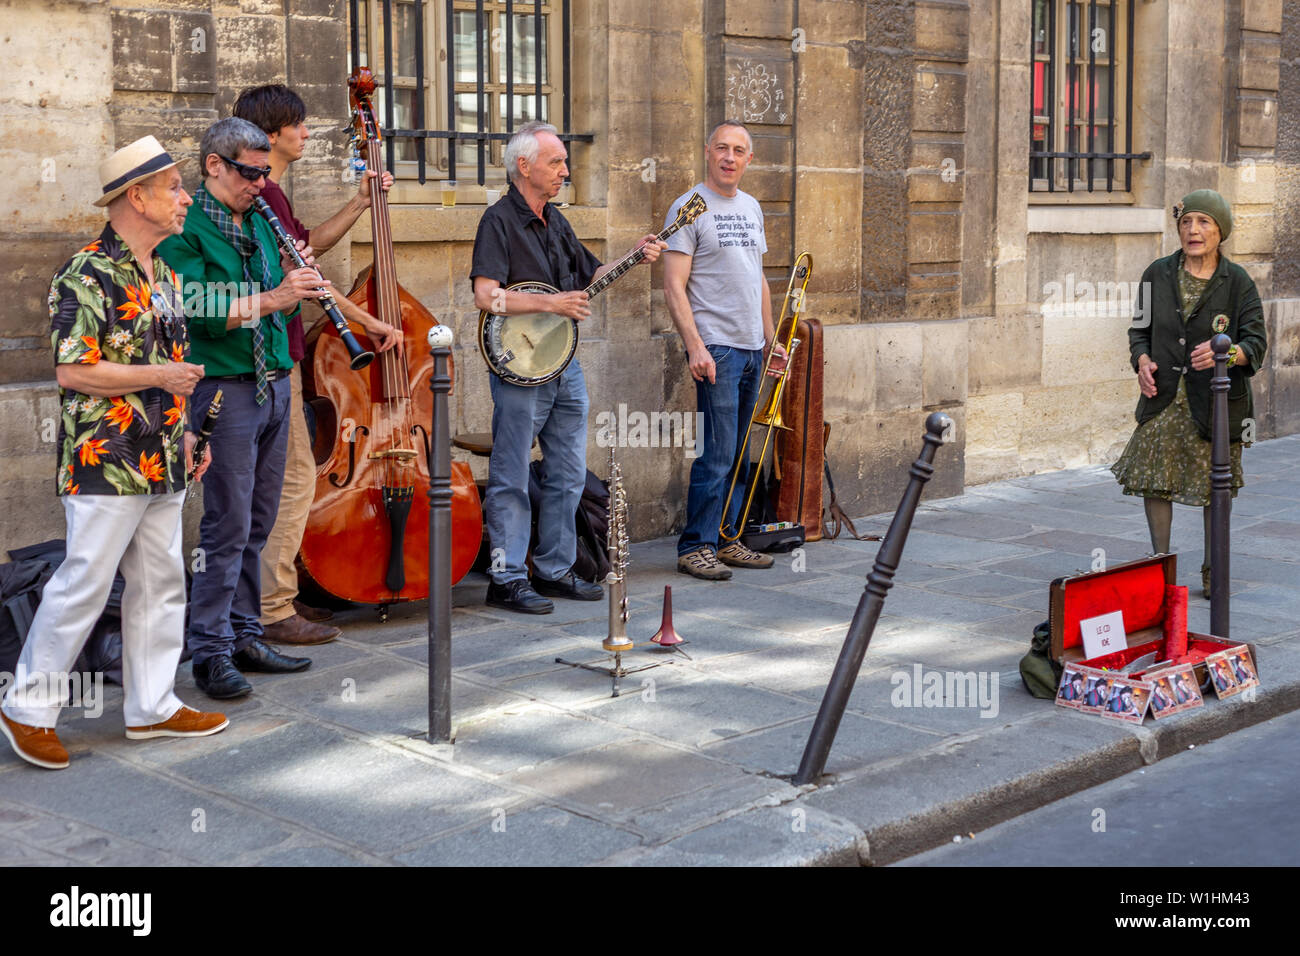 Paris, France - 27 juillet 2014 des musiciens de rue parisienne: performances sur un dimanche à Paris, le quartier du Marais Banque D'Images